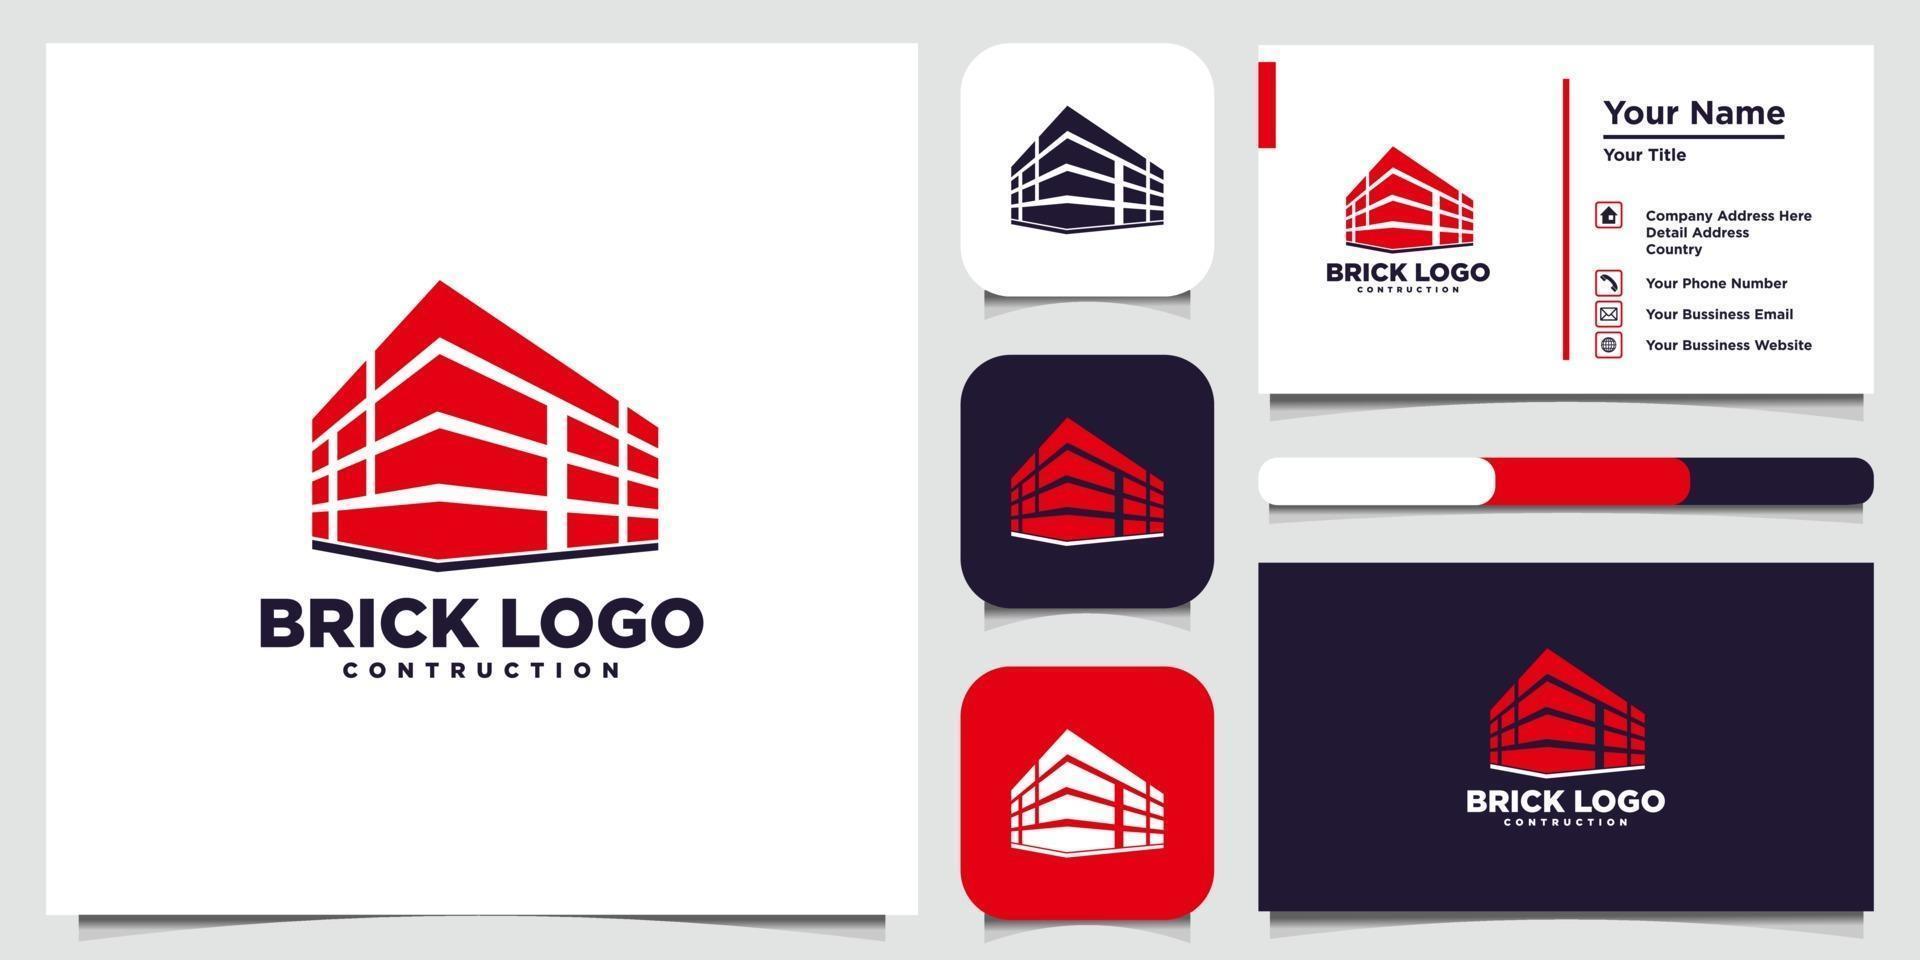 tegel logotyp mallar och visitkort vektor